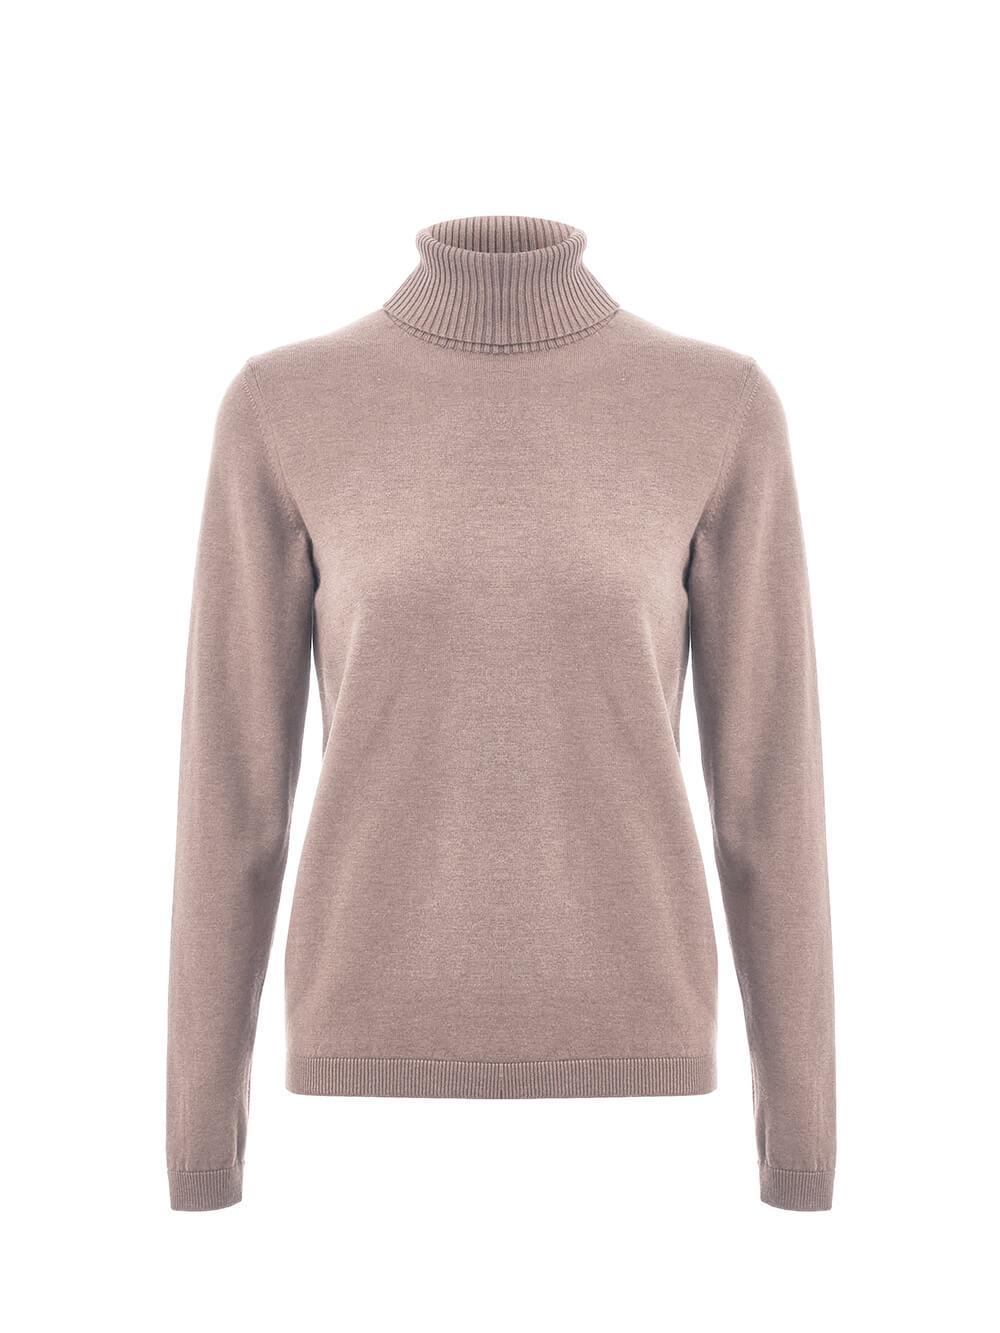 Женский свитер бежевого цвета из шерсти и шелка - фото 1